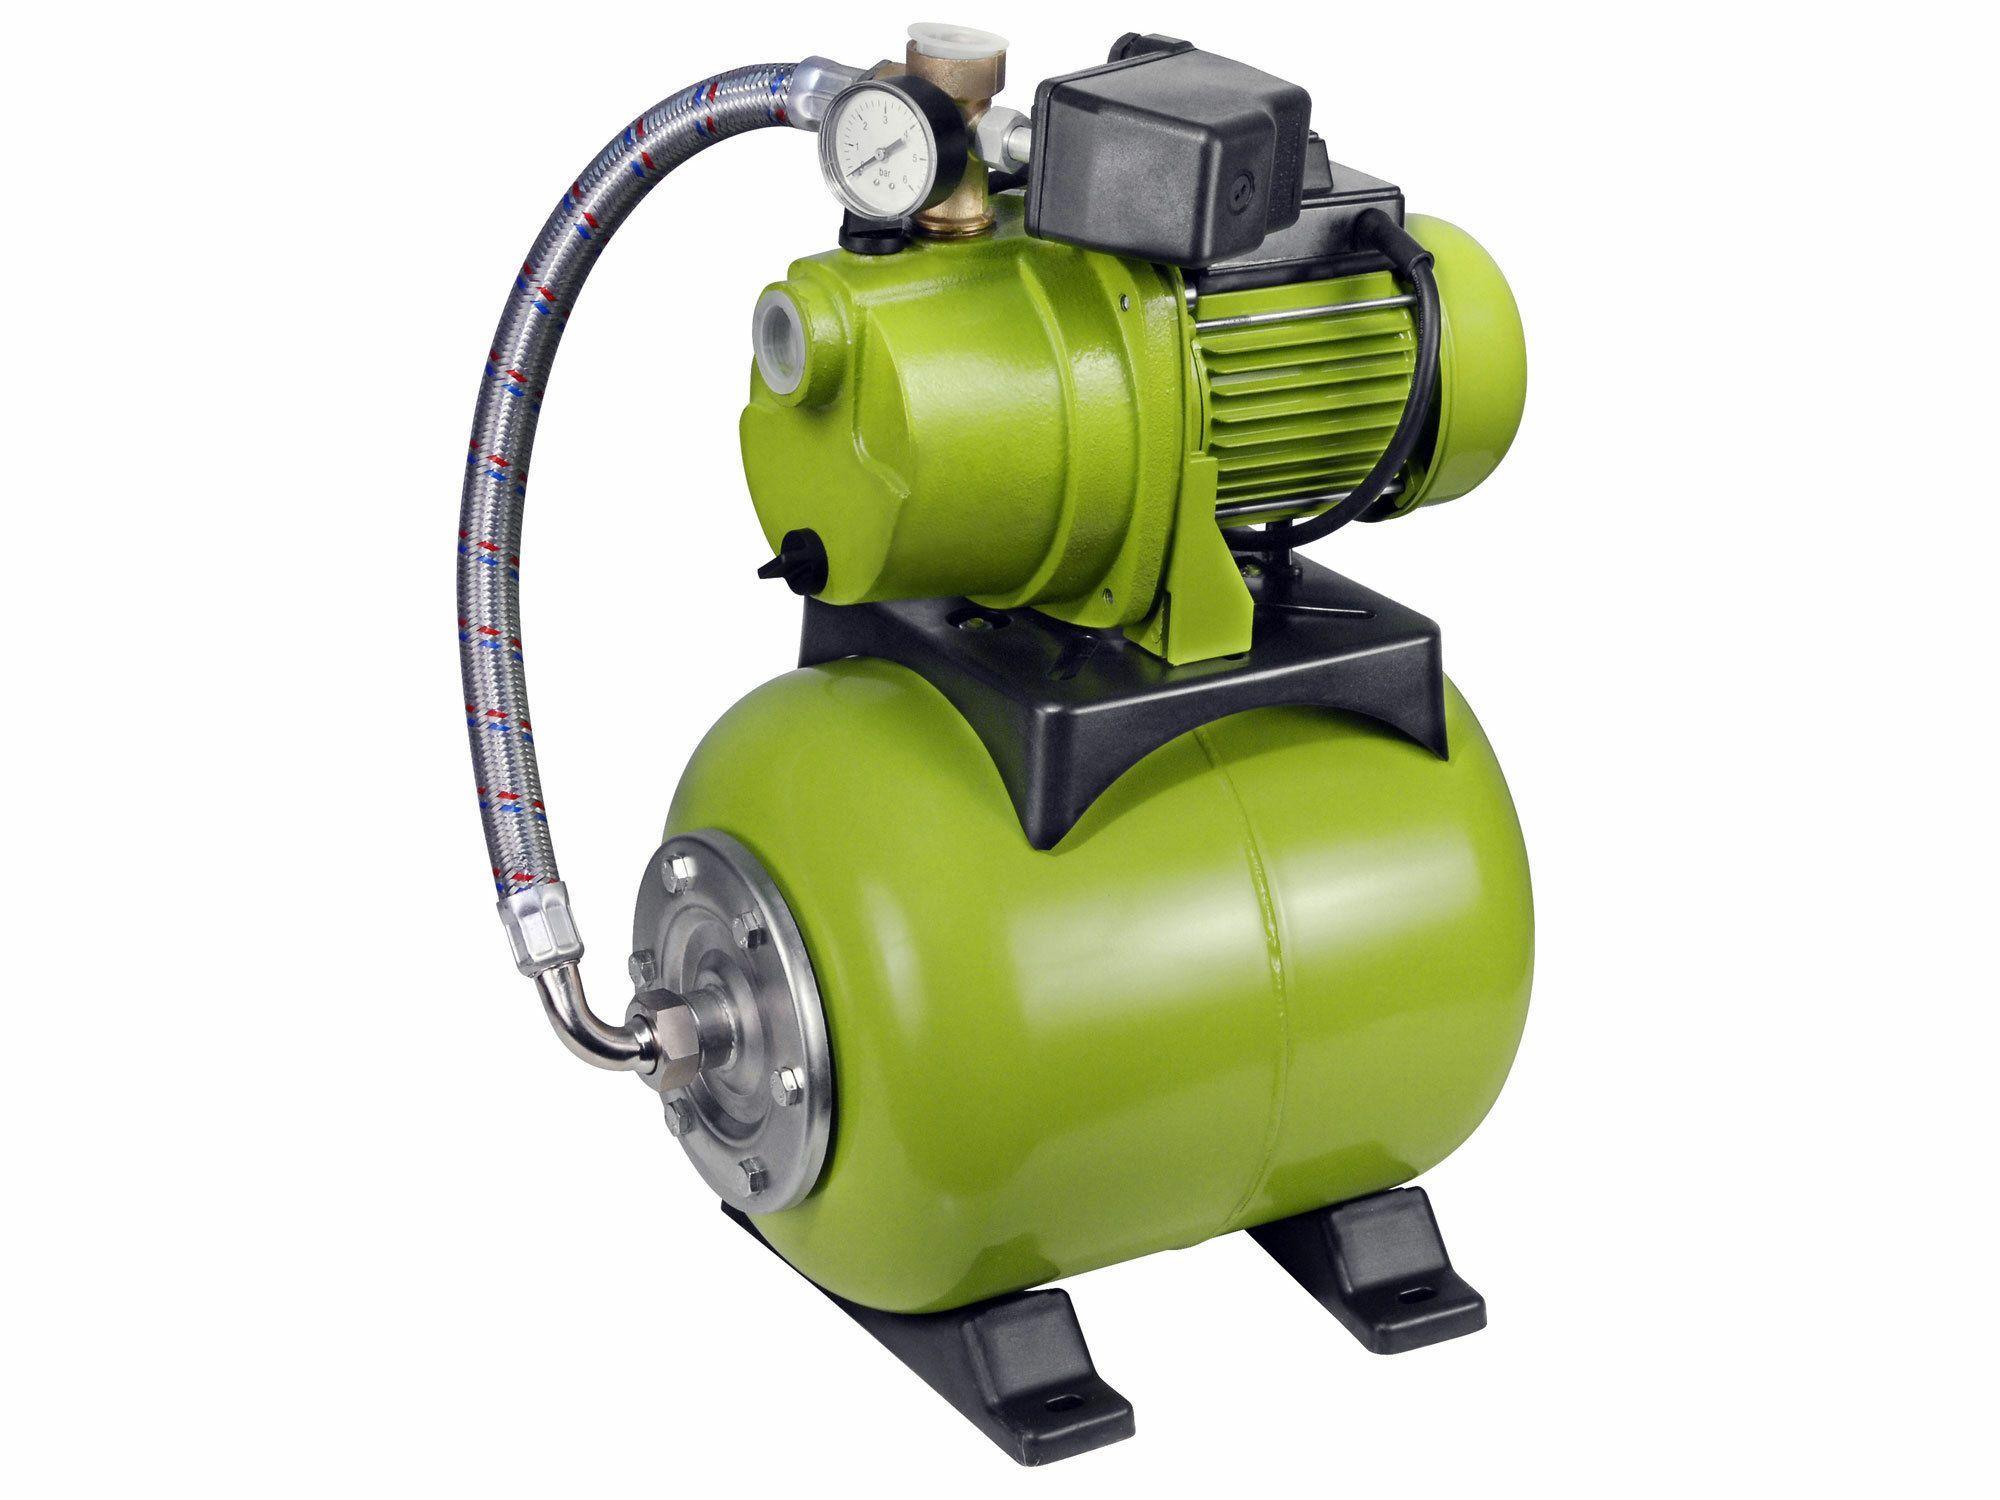 Čerpadlo el. proudové s tlak. nádobou, 1200W, 3800l/hod, 20l, 414251 EXTOL-CRAFT